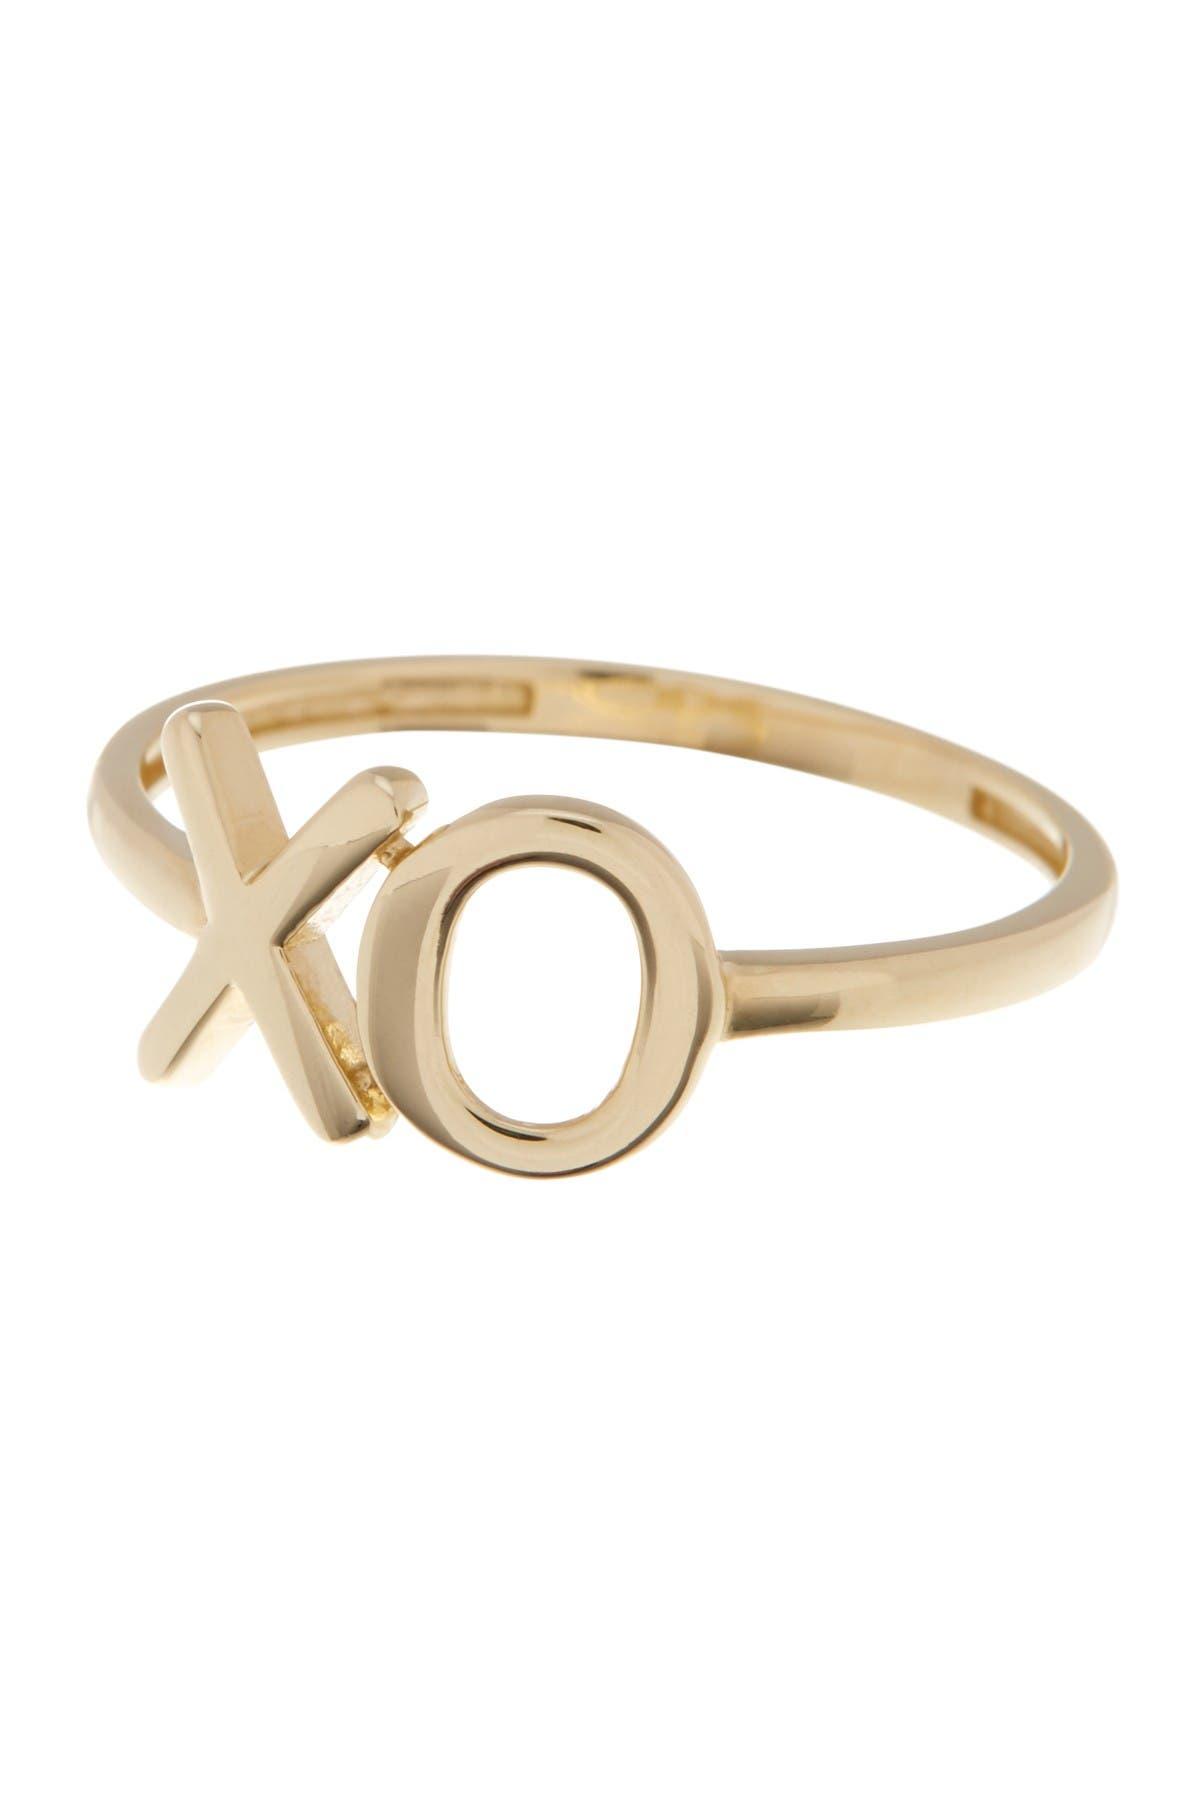 Image of KARAT RUSH 10K Yellow Gold X & O Ring